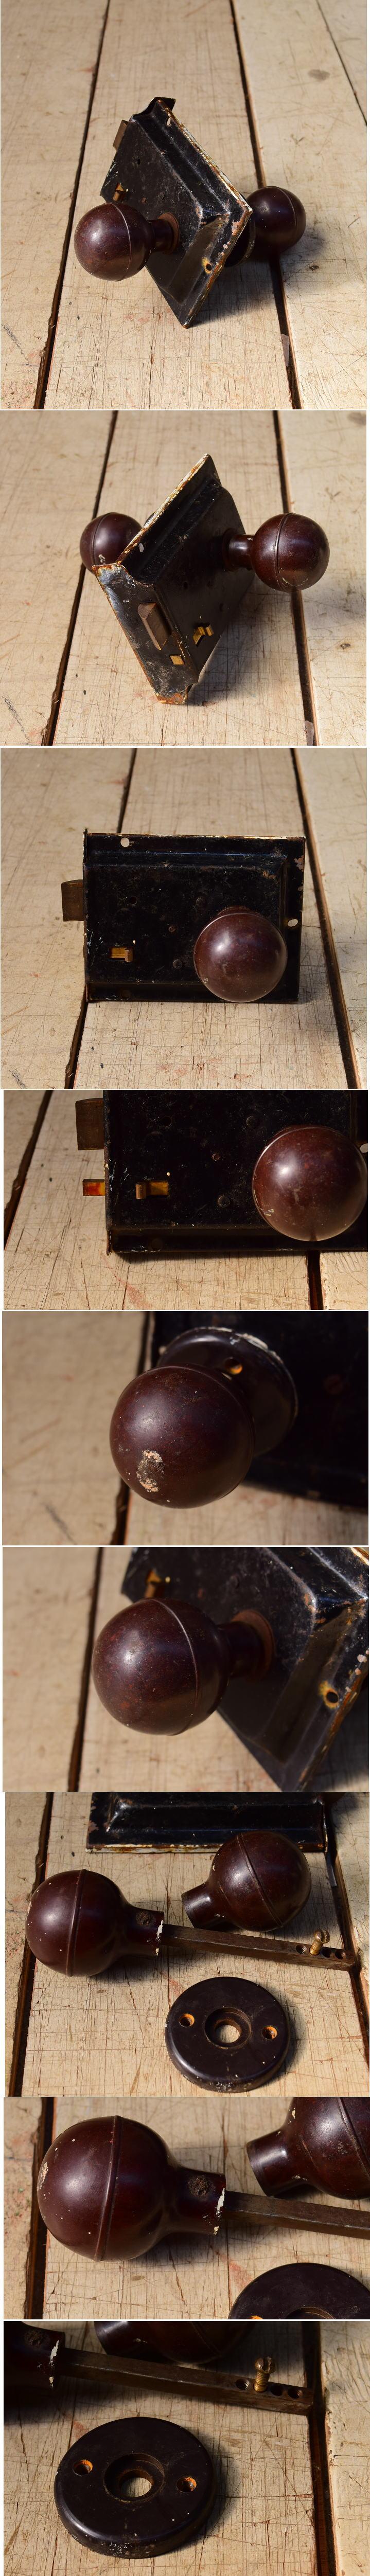 イギリス アンティーク ラッチ&ドアノブ 建具金物 6553